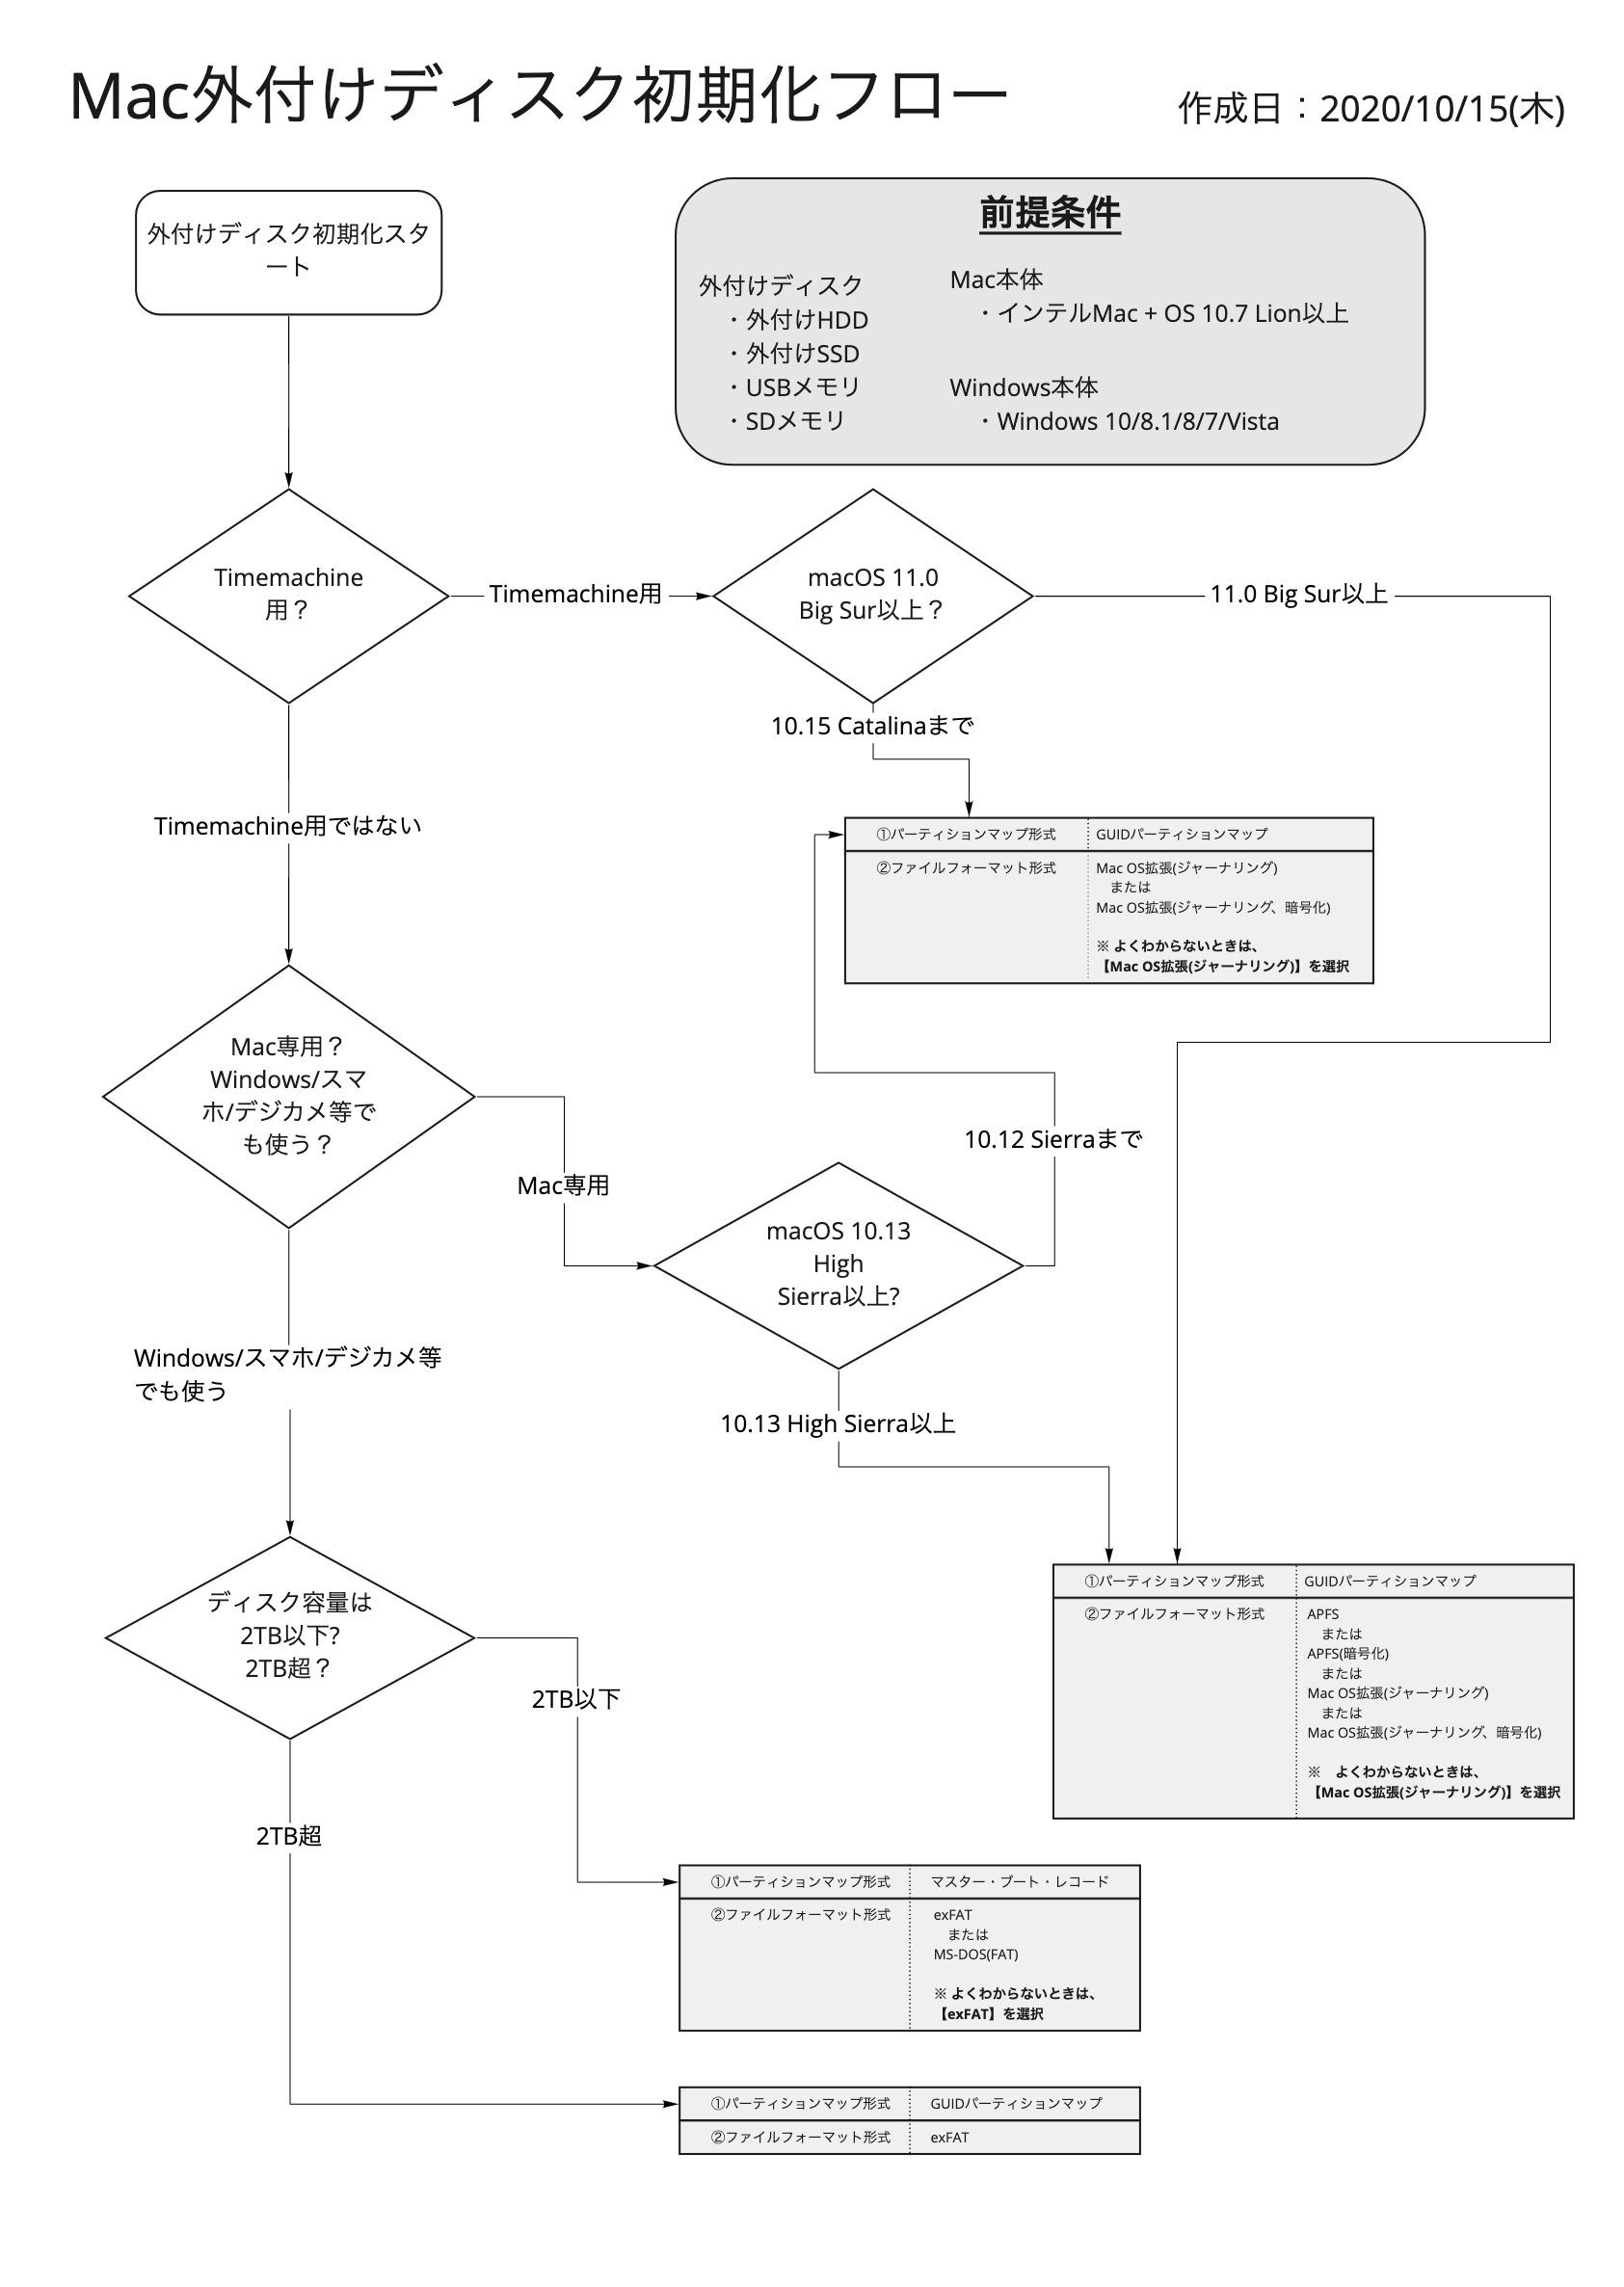 Mac外付けディスク初期化フローv4